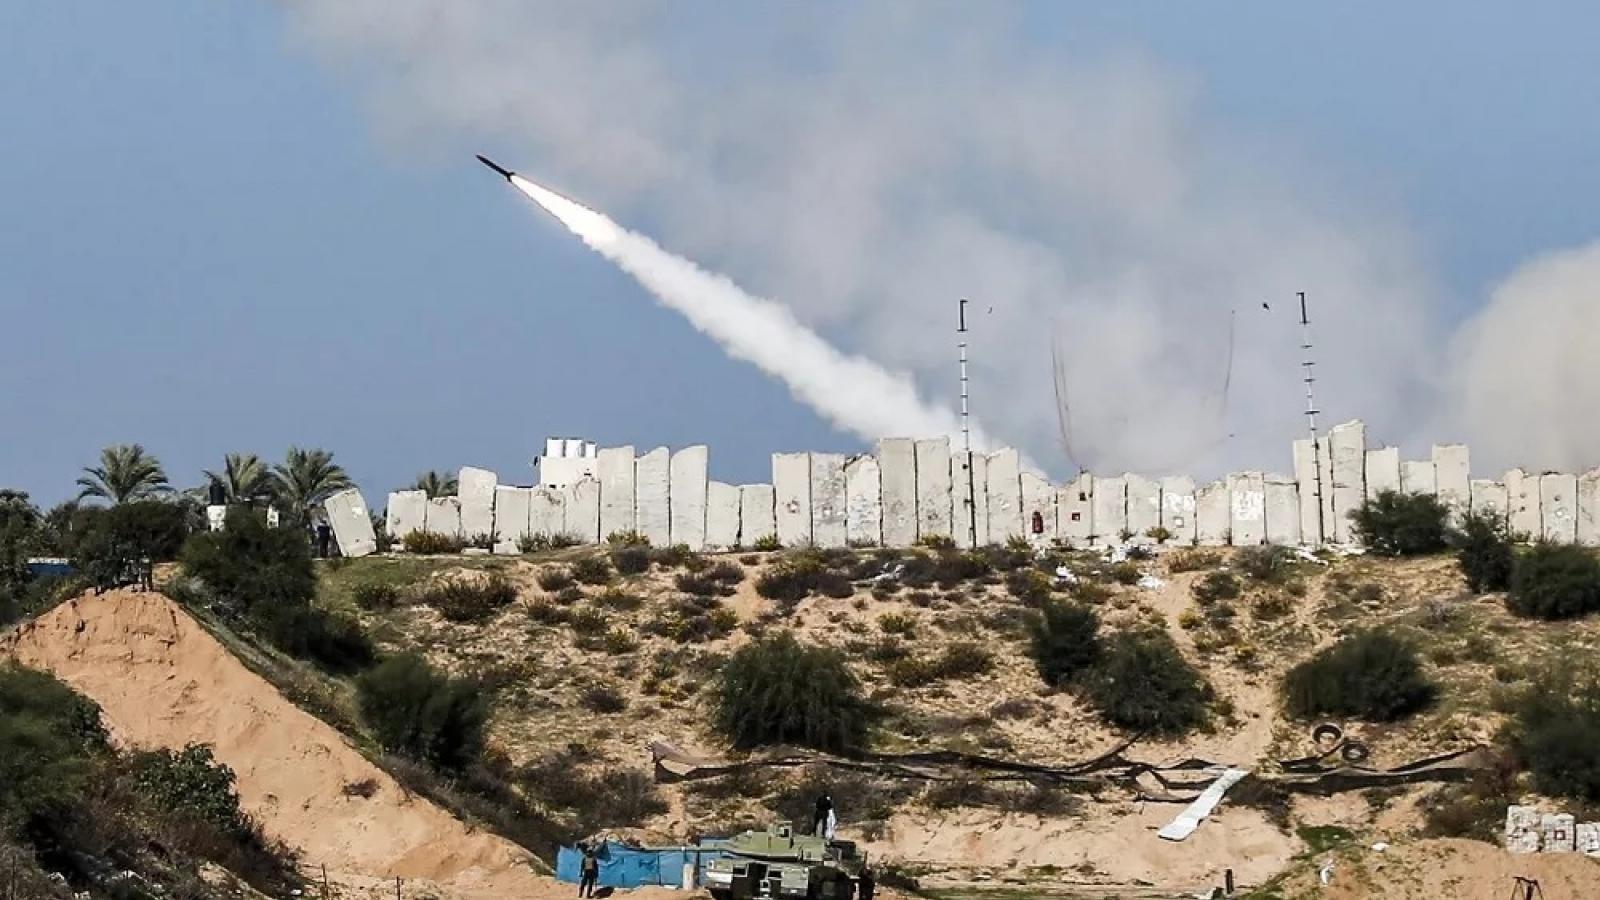 Ít nhất 40 quả tên lửa bắn về lãnh thổ Israel từ Gaza